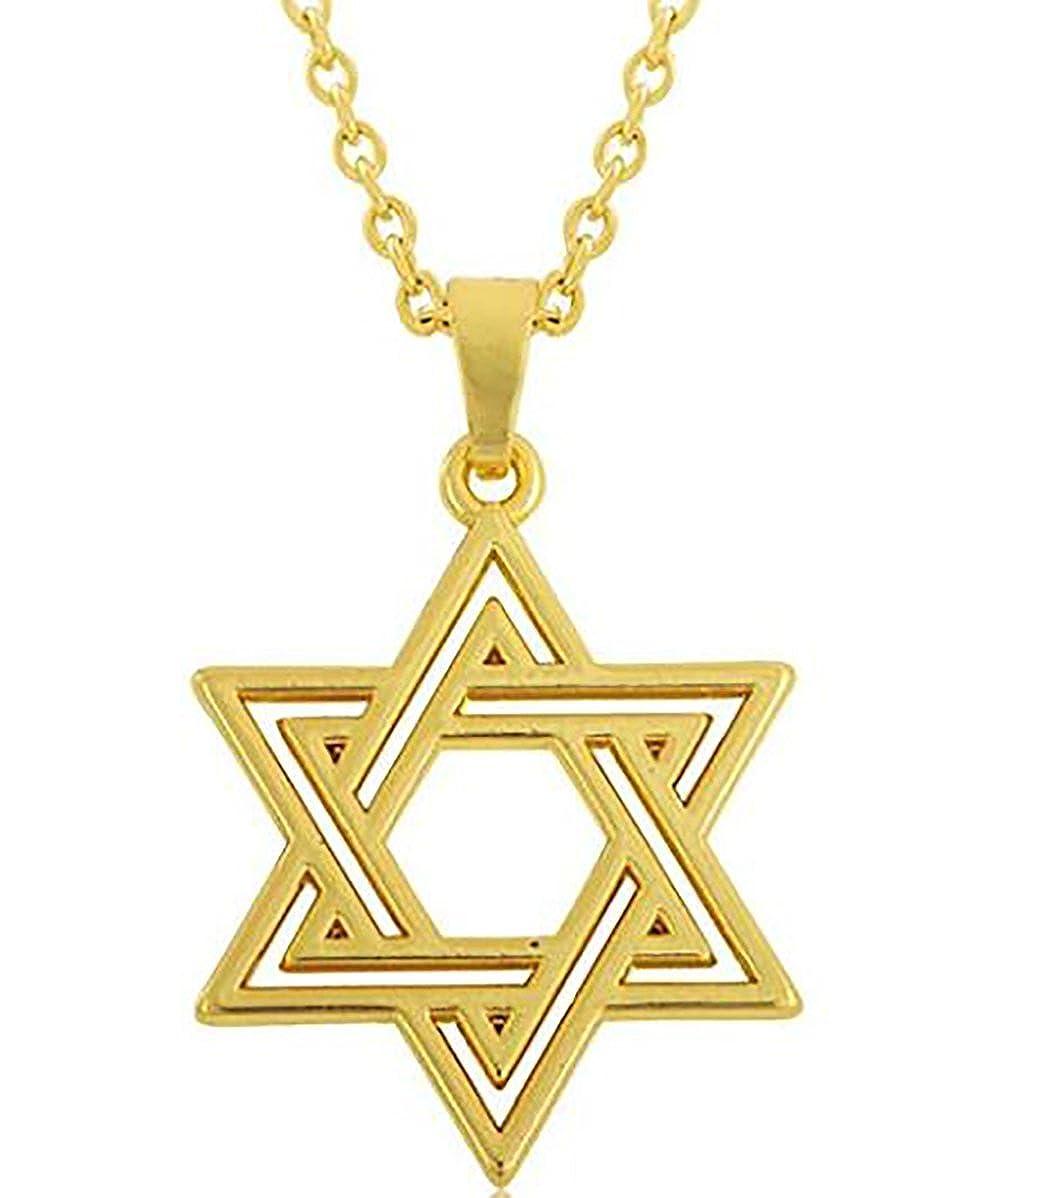 Religiöse Antik Gold Hexagramm Jüdischer Stern von David Anhänger Halskette für Damen und Herren GeXiang